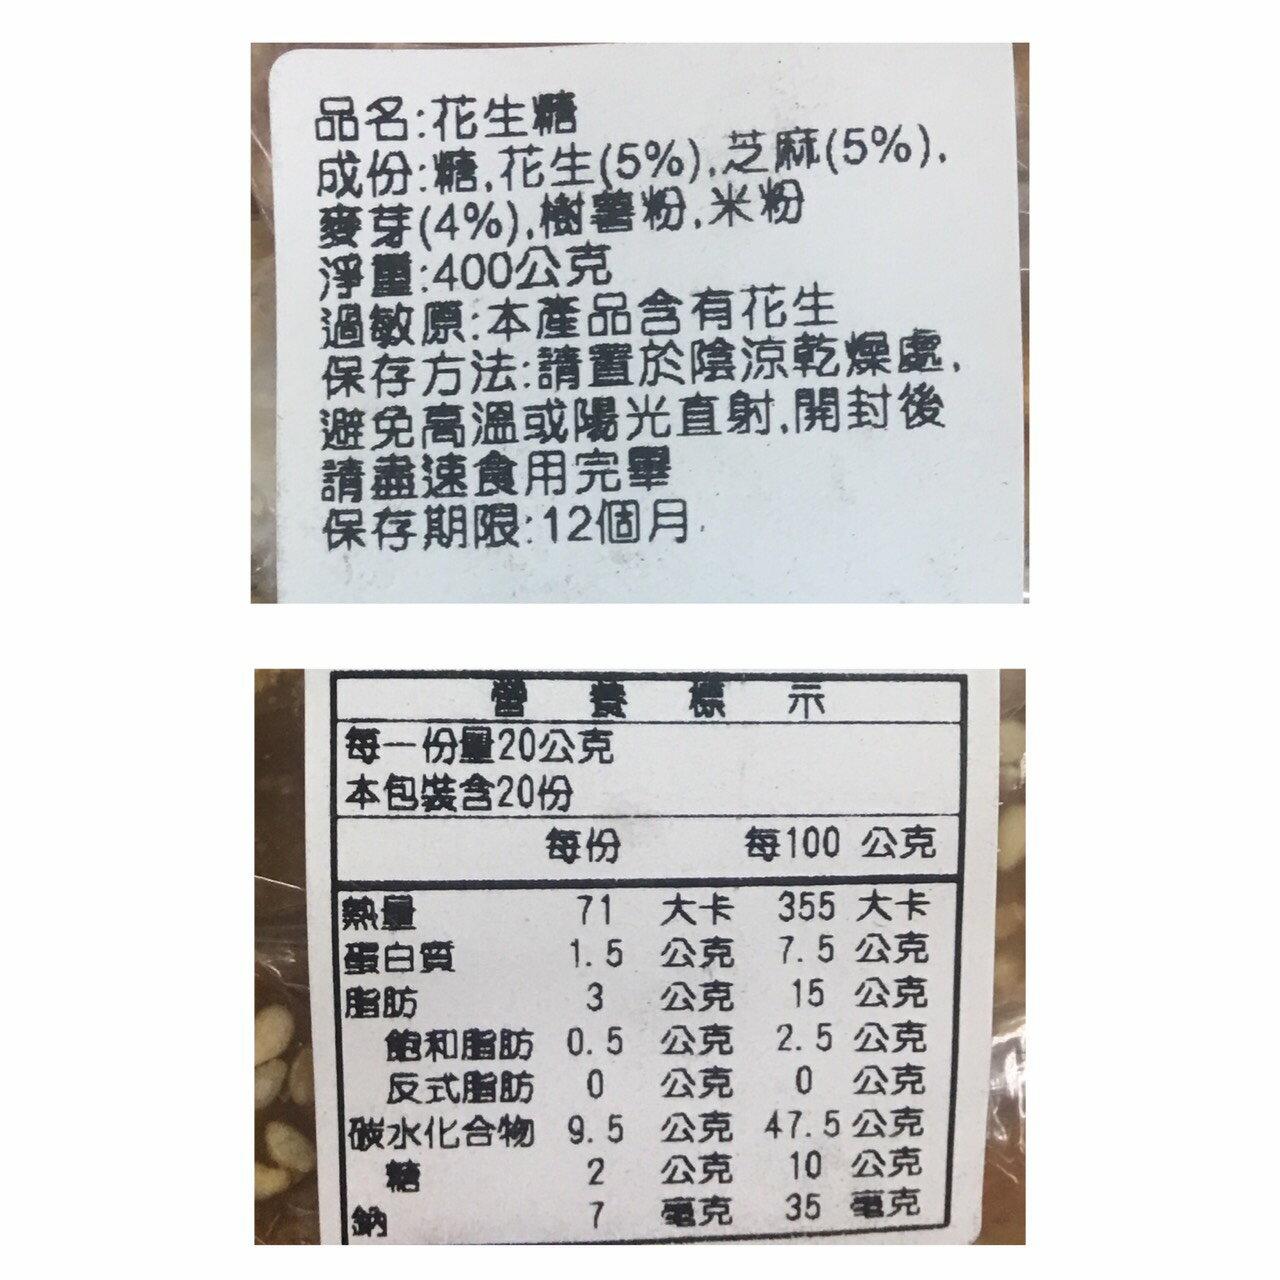 越南花生芝麻糖 花生糖 芝麻糖 CO DO 貢糖 Yen Ling 花生糖